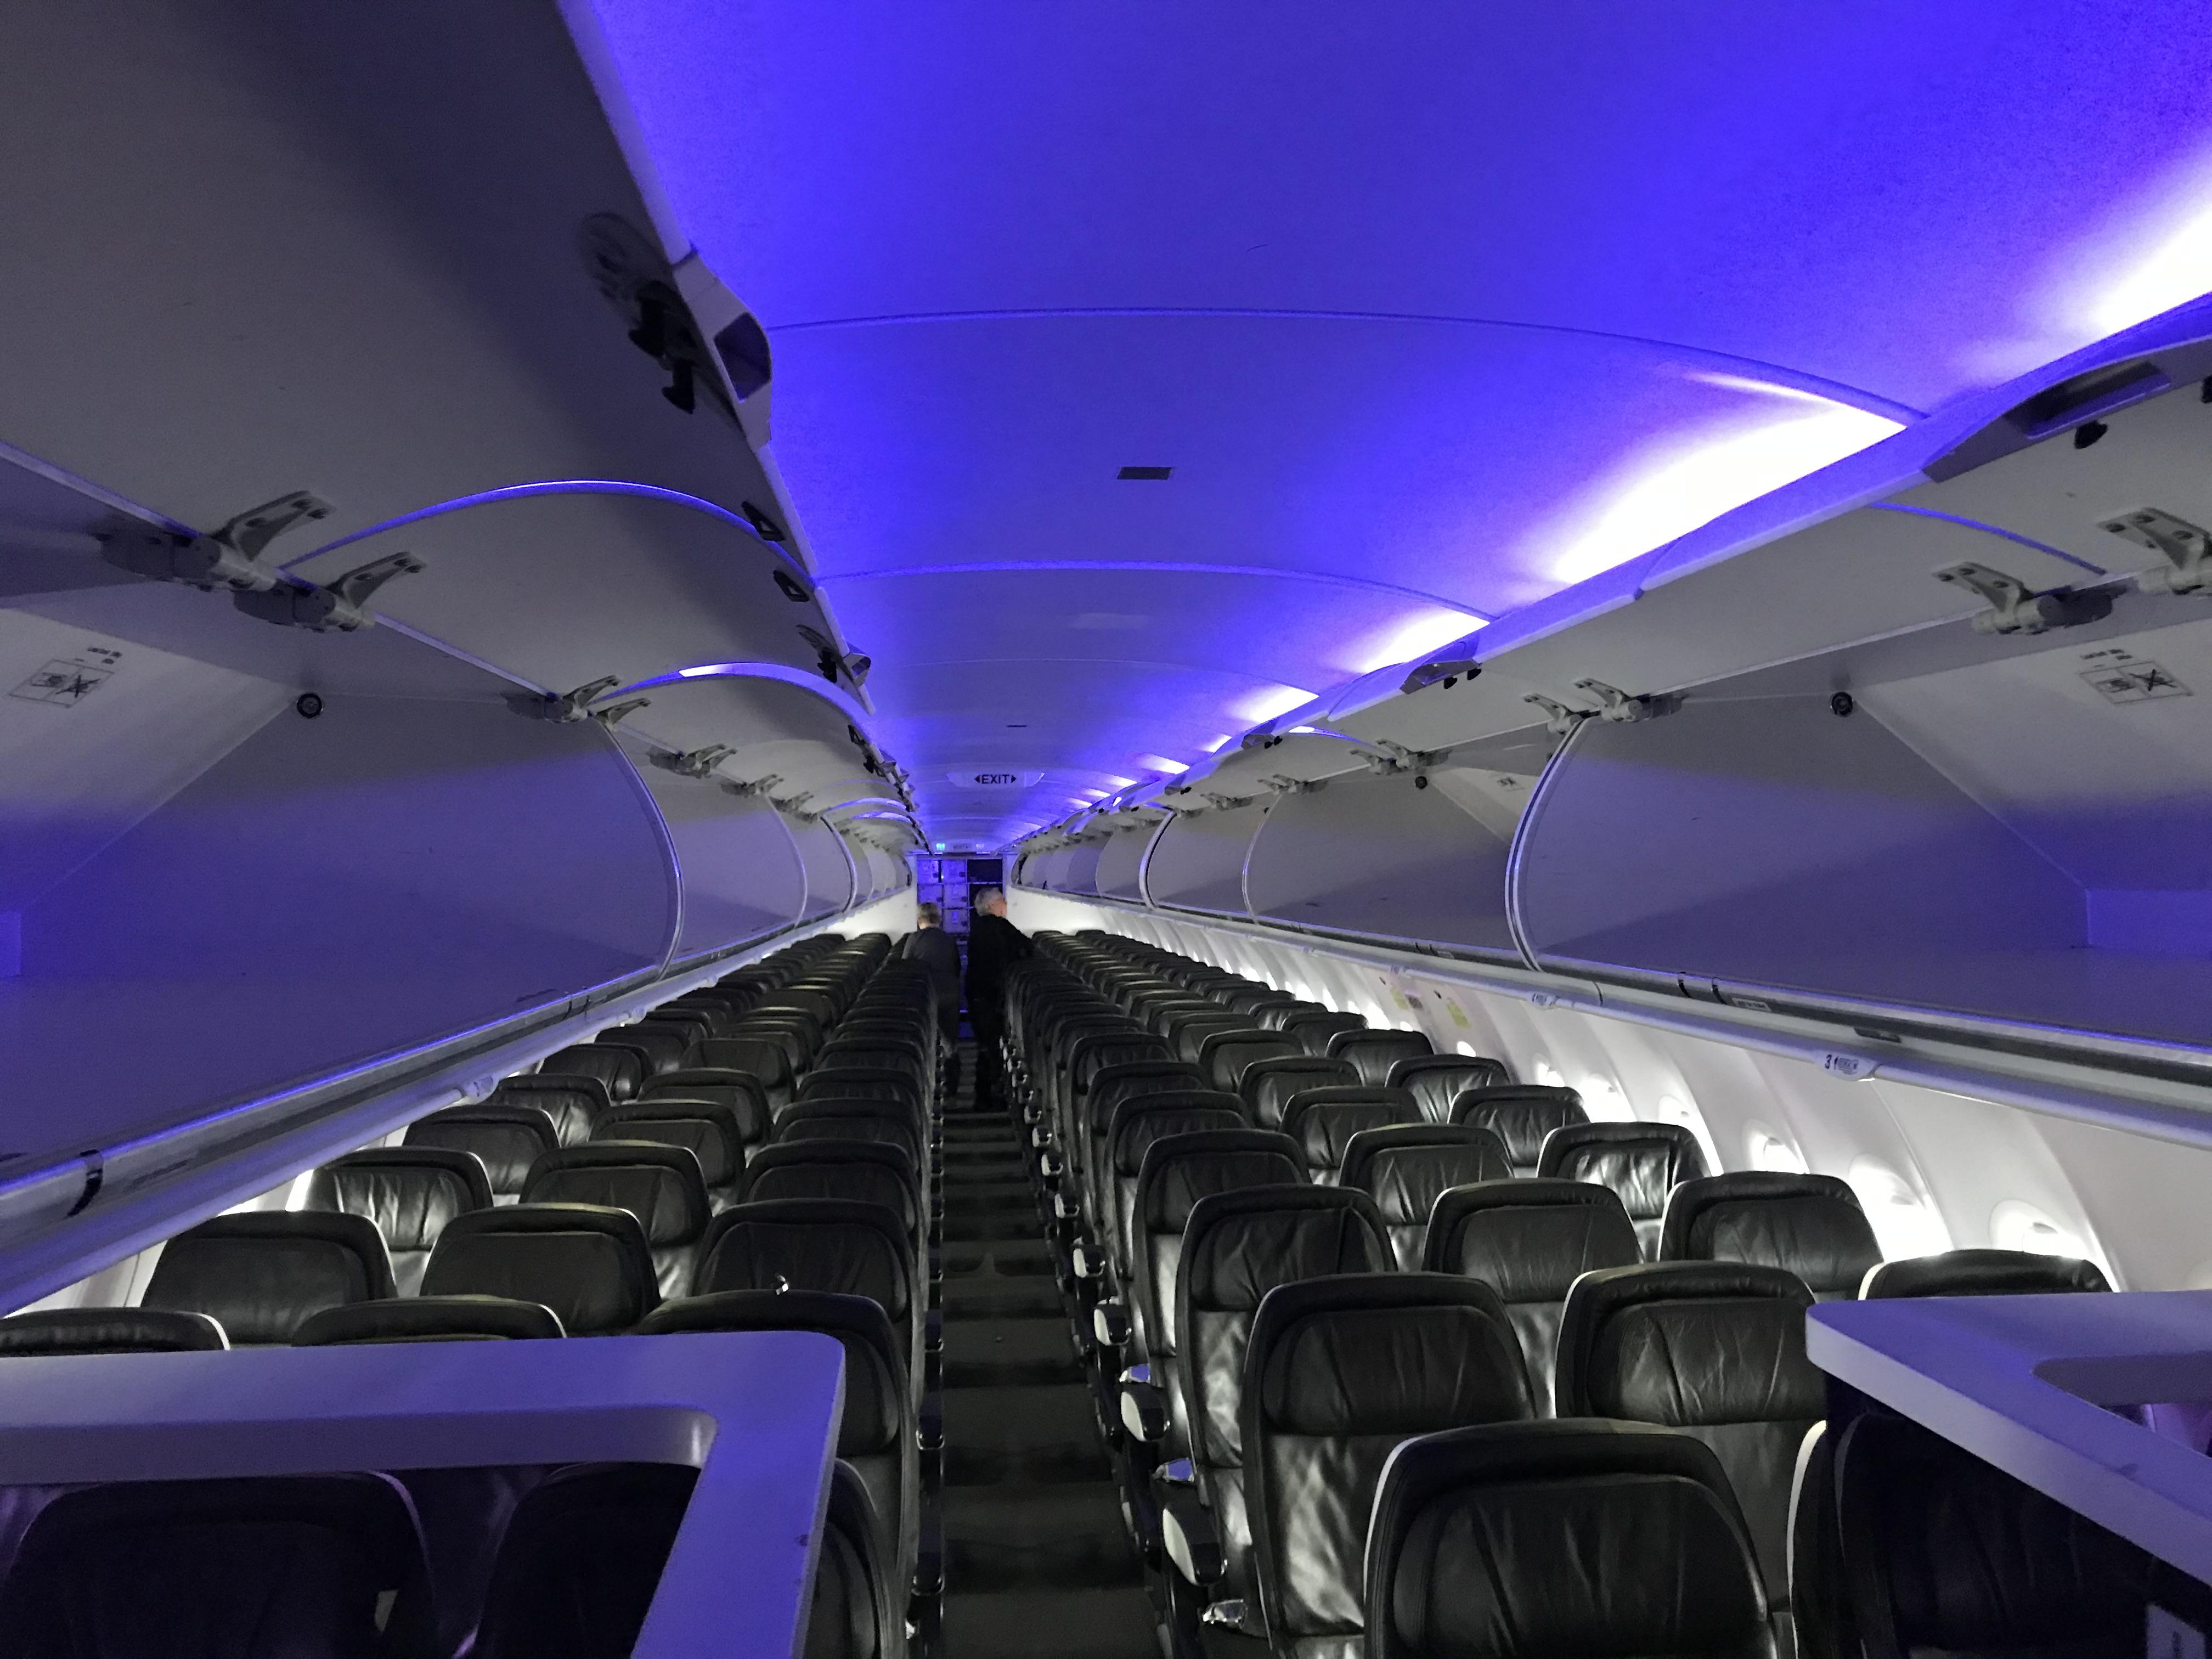 Review Virgin America Alaska Airlines First Class Jfk